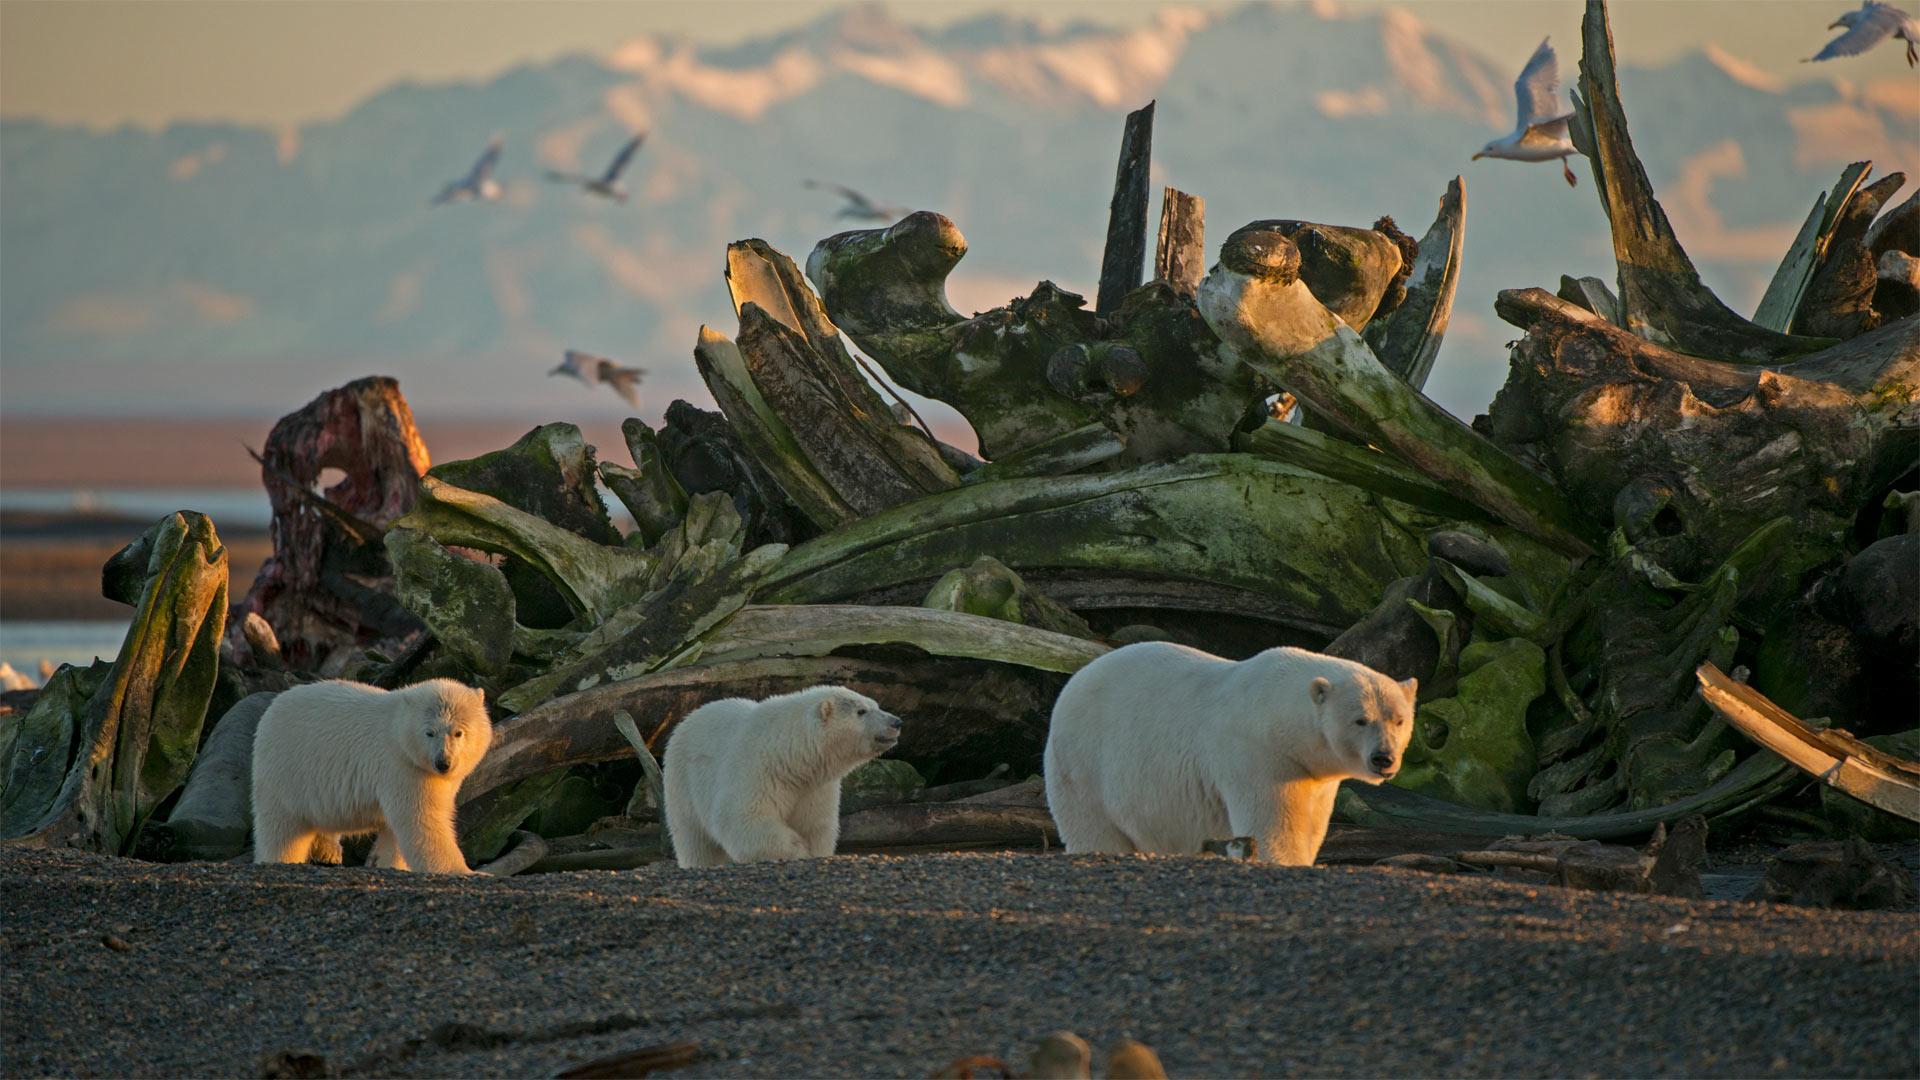 Une femelle ours polaire et ses petits dans le refuge national de la faune arctique (© Steven Kazlowski/Minden Pictures)(Bing France)